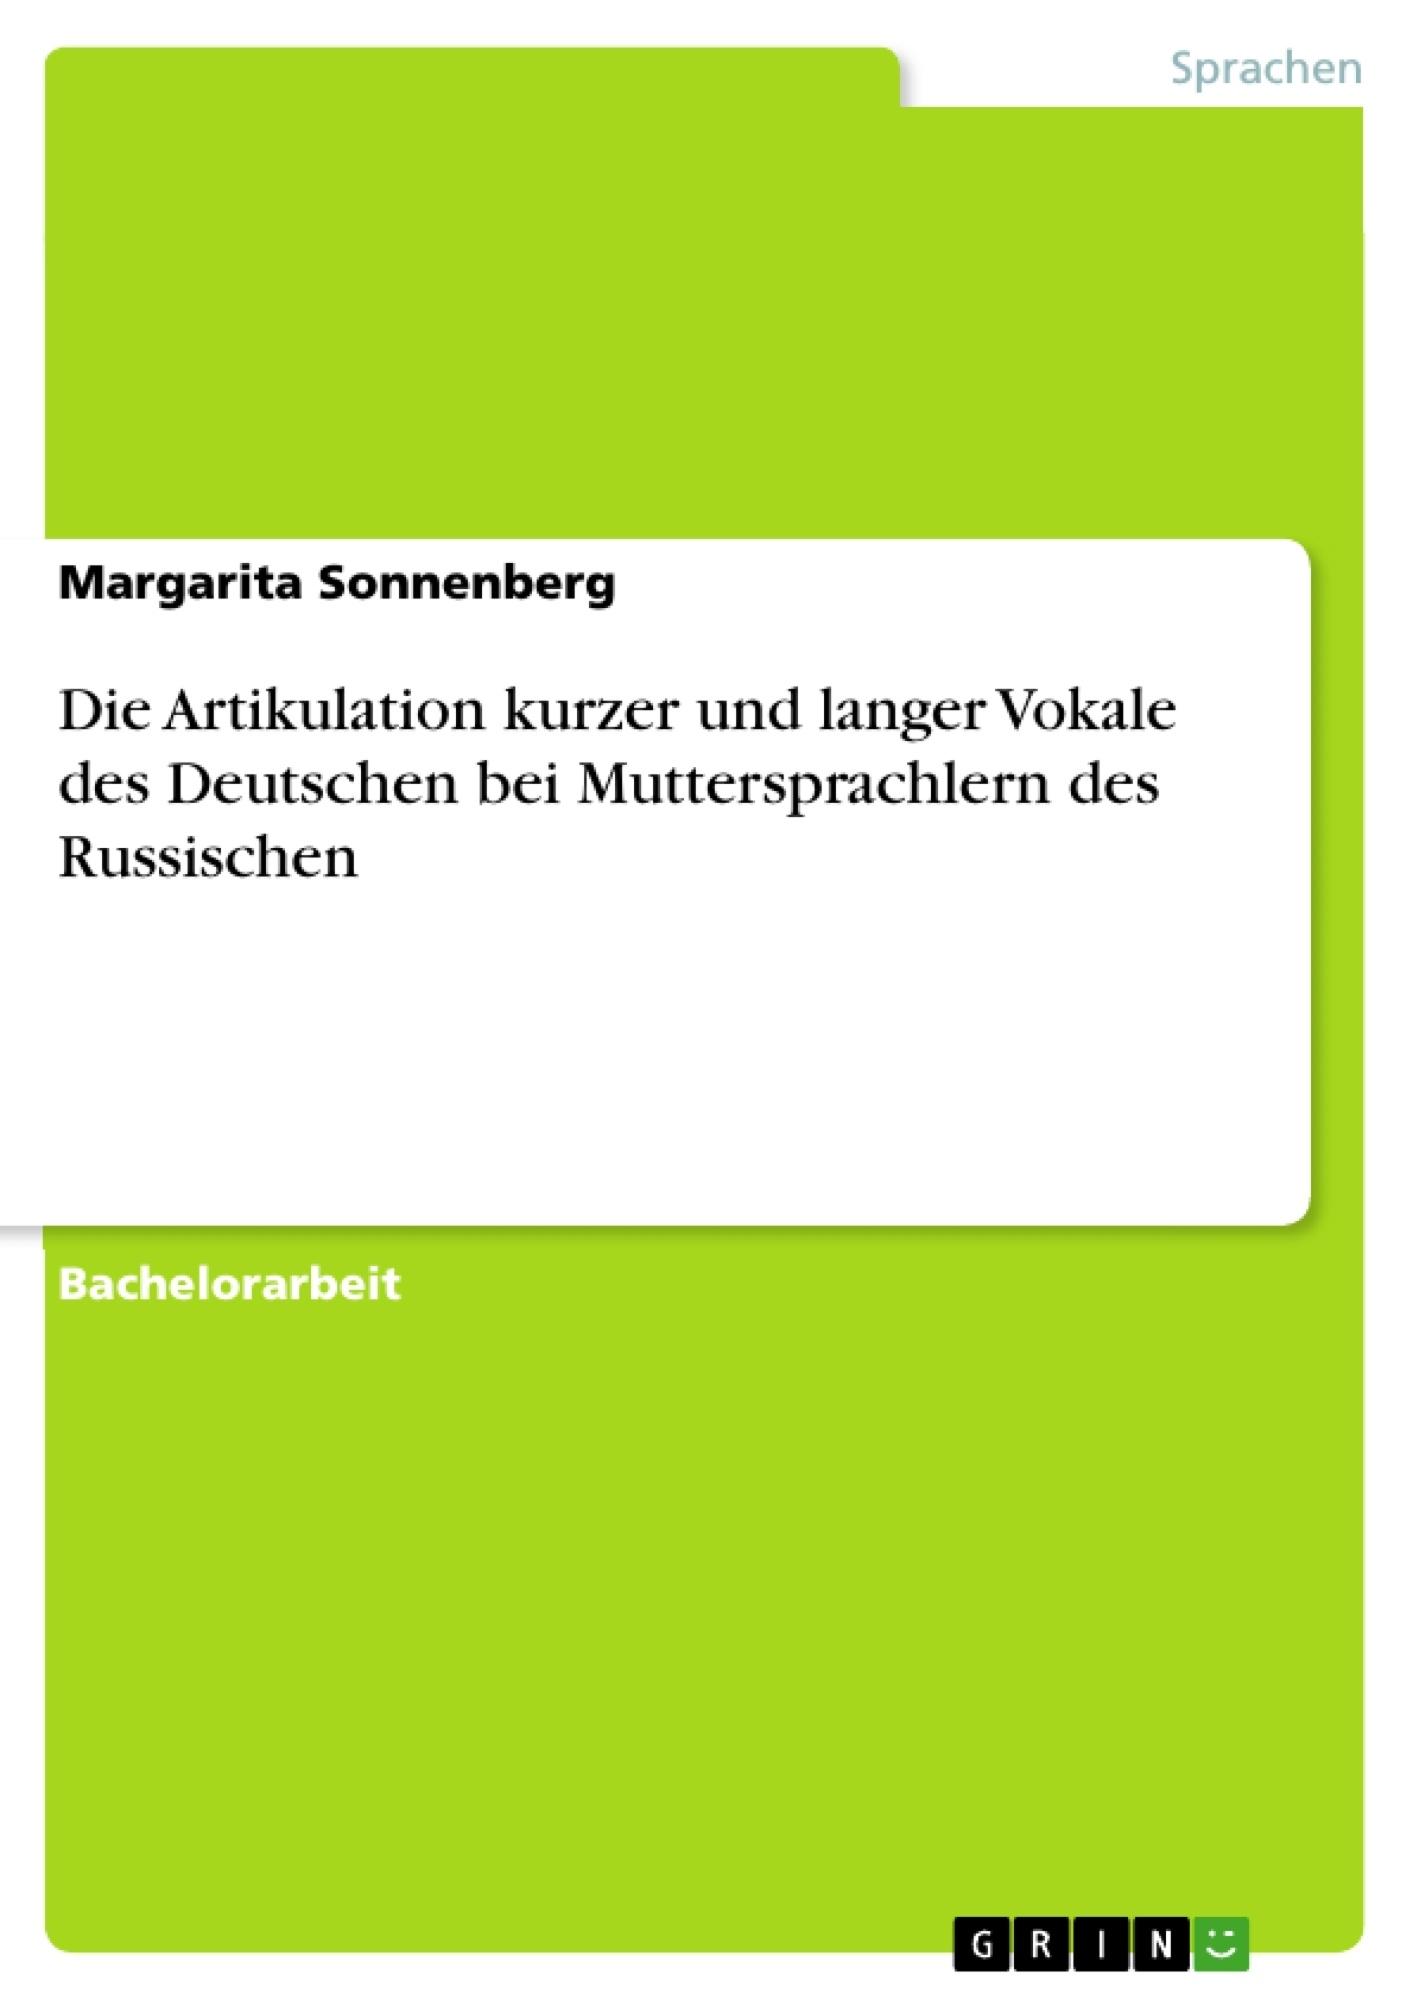 Titel: Die Artikulation kurzer und langer Vokale des Deutschen bei Muttersprachlern des Russischen